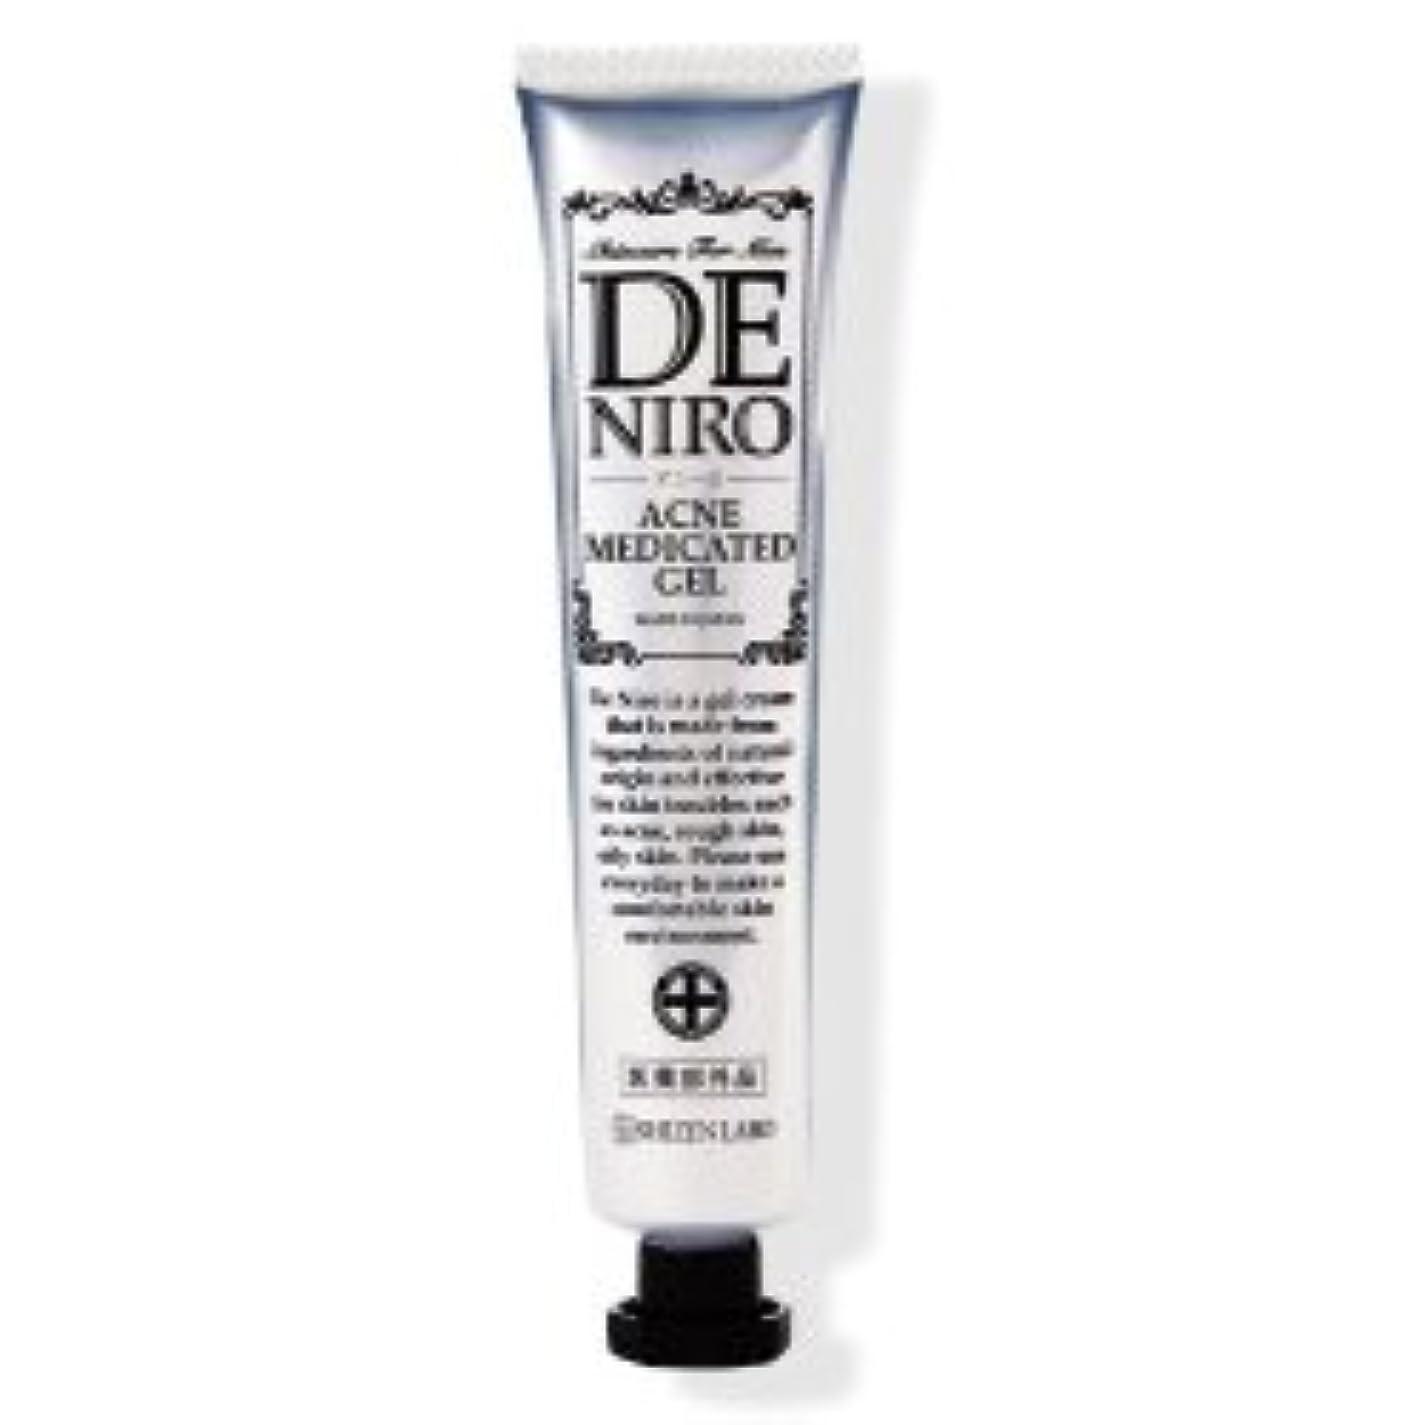 付き添い人通訳血色の良いデニーロ 45g (約1ヵ月分)【公式】薬用 DE NIRO 男のニキビ クリーム